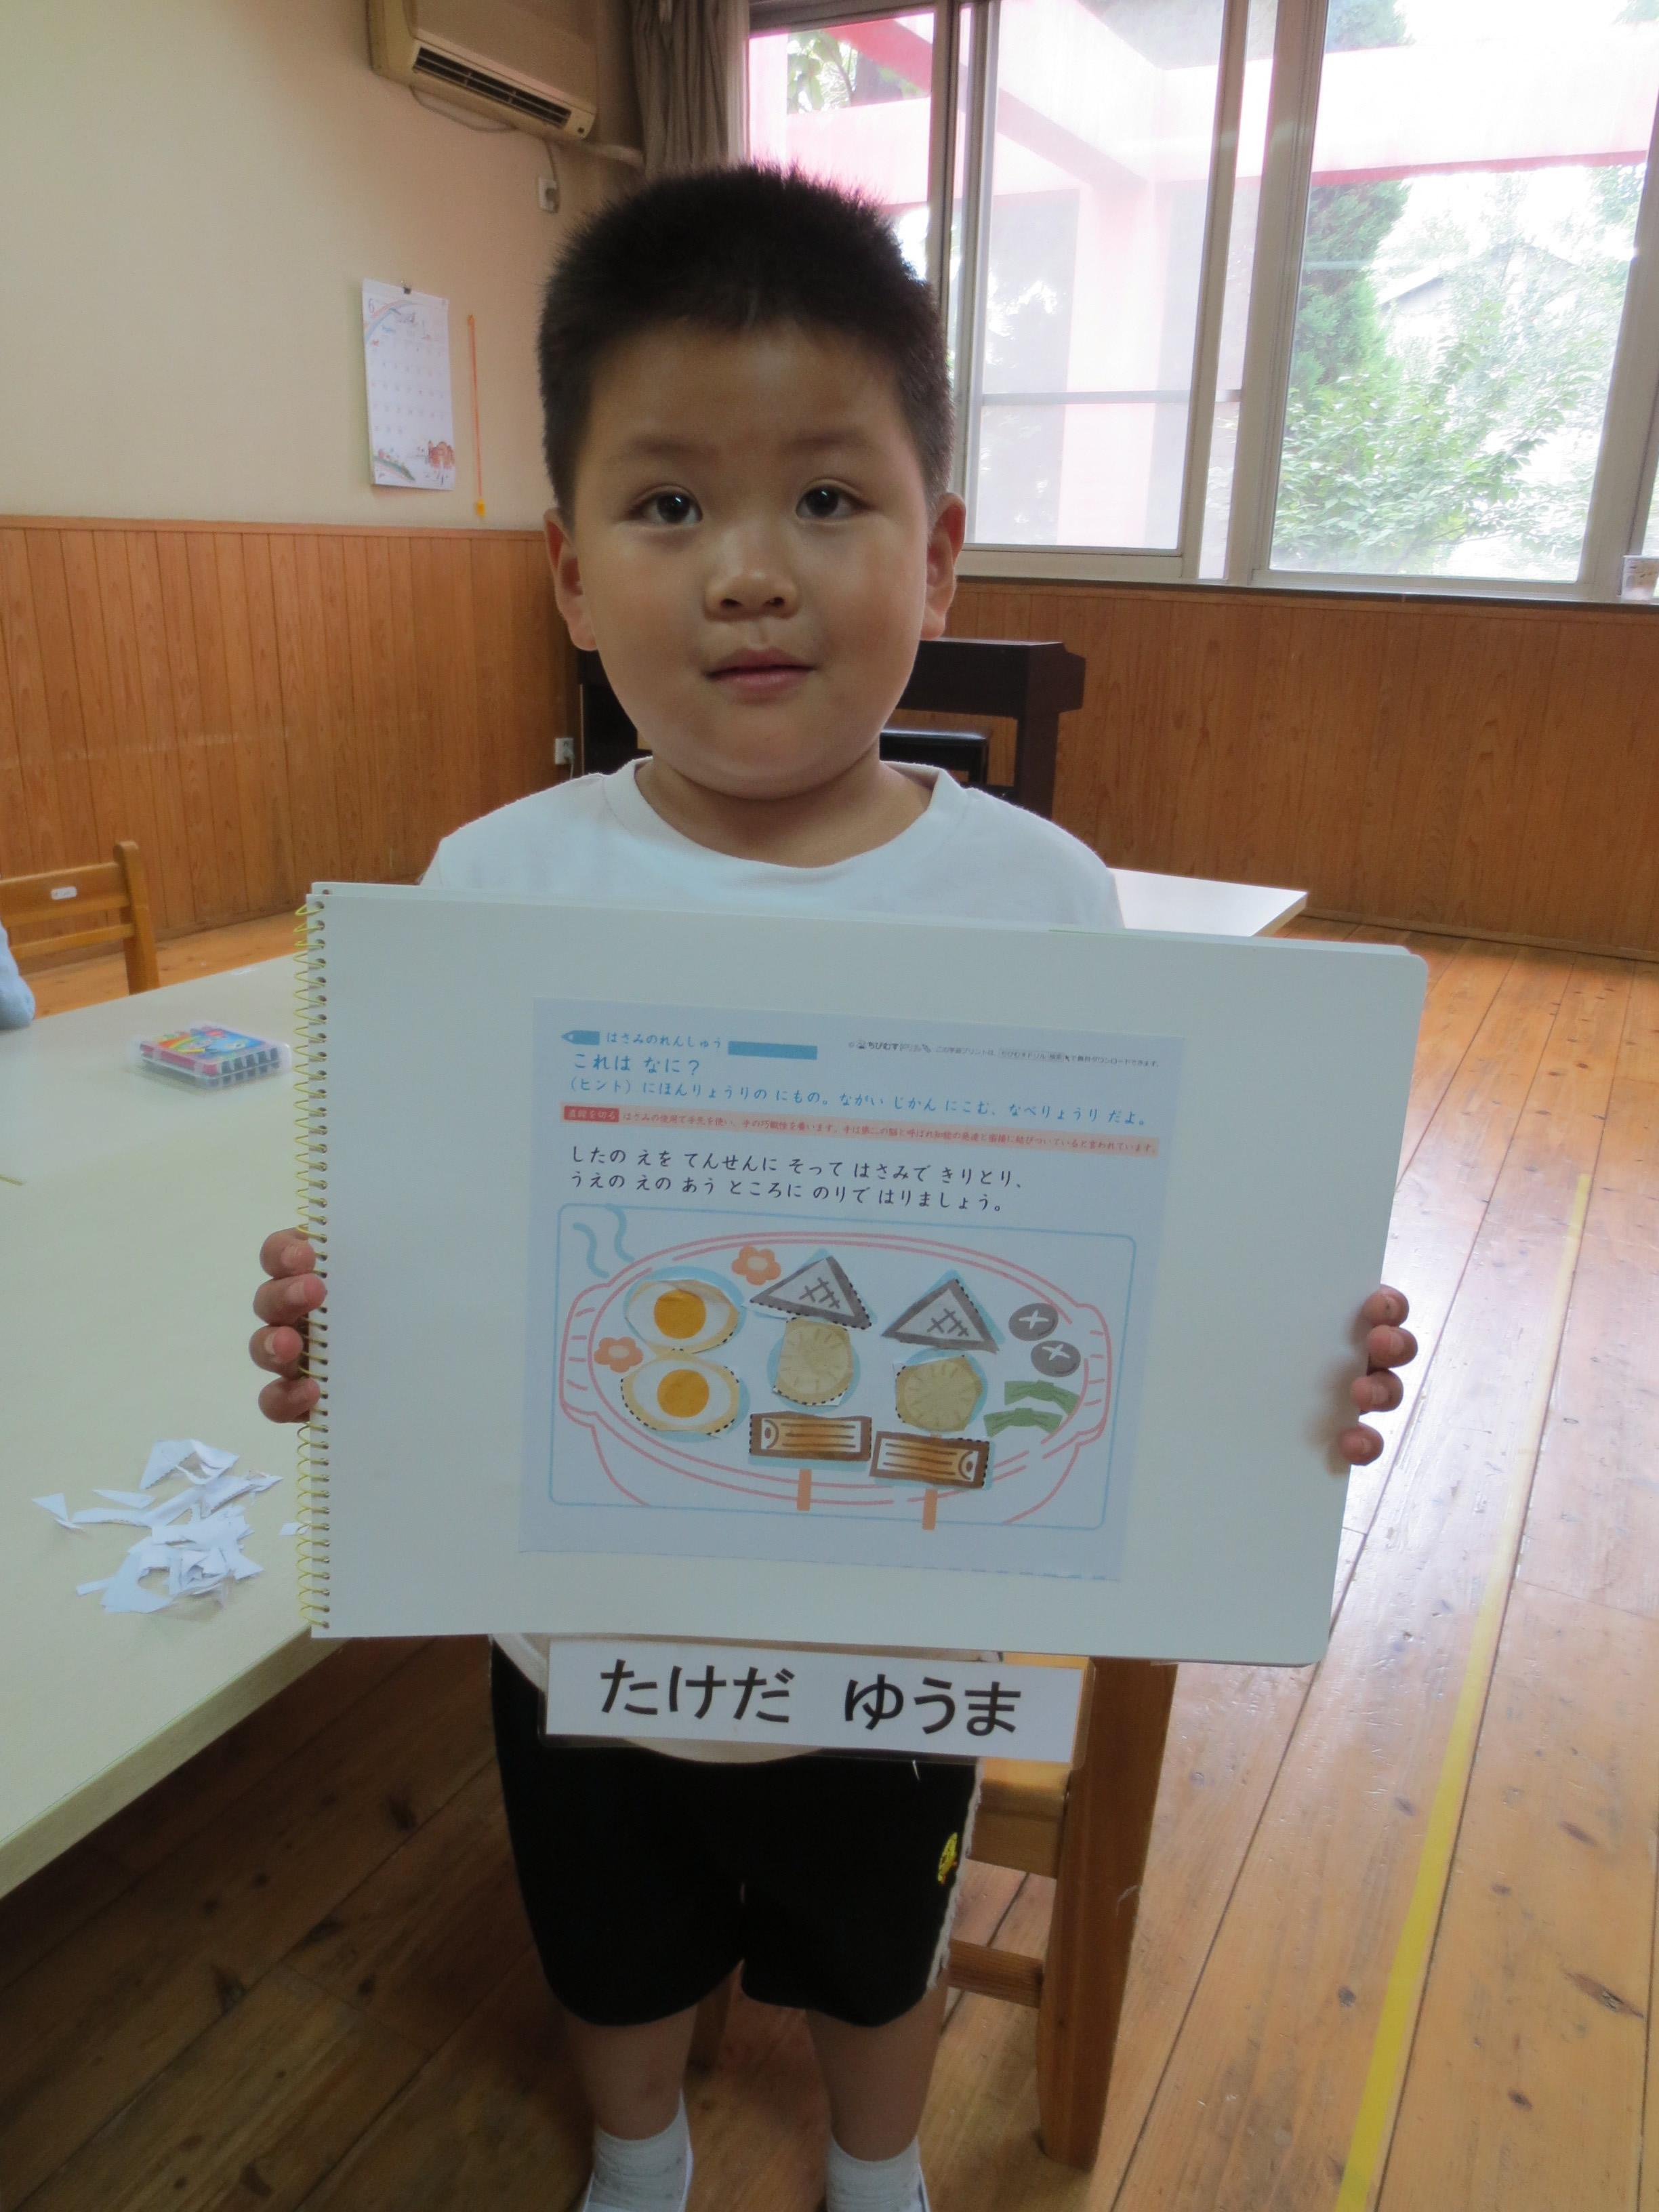 天津Kidsの7月の様子 写真 その4